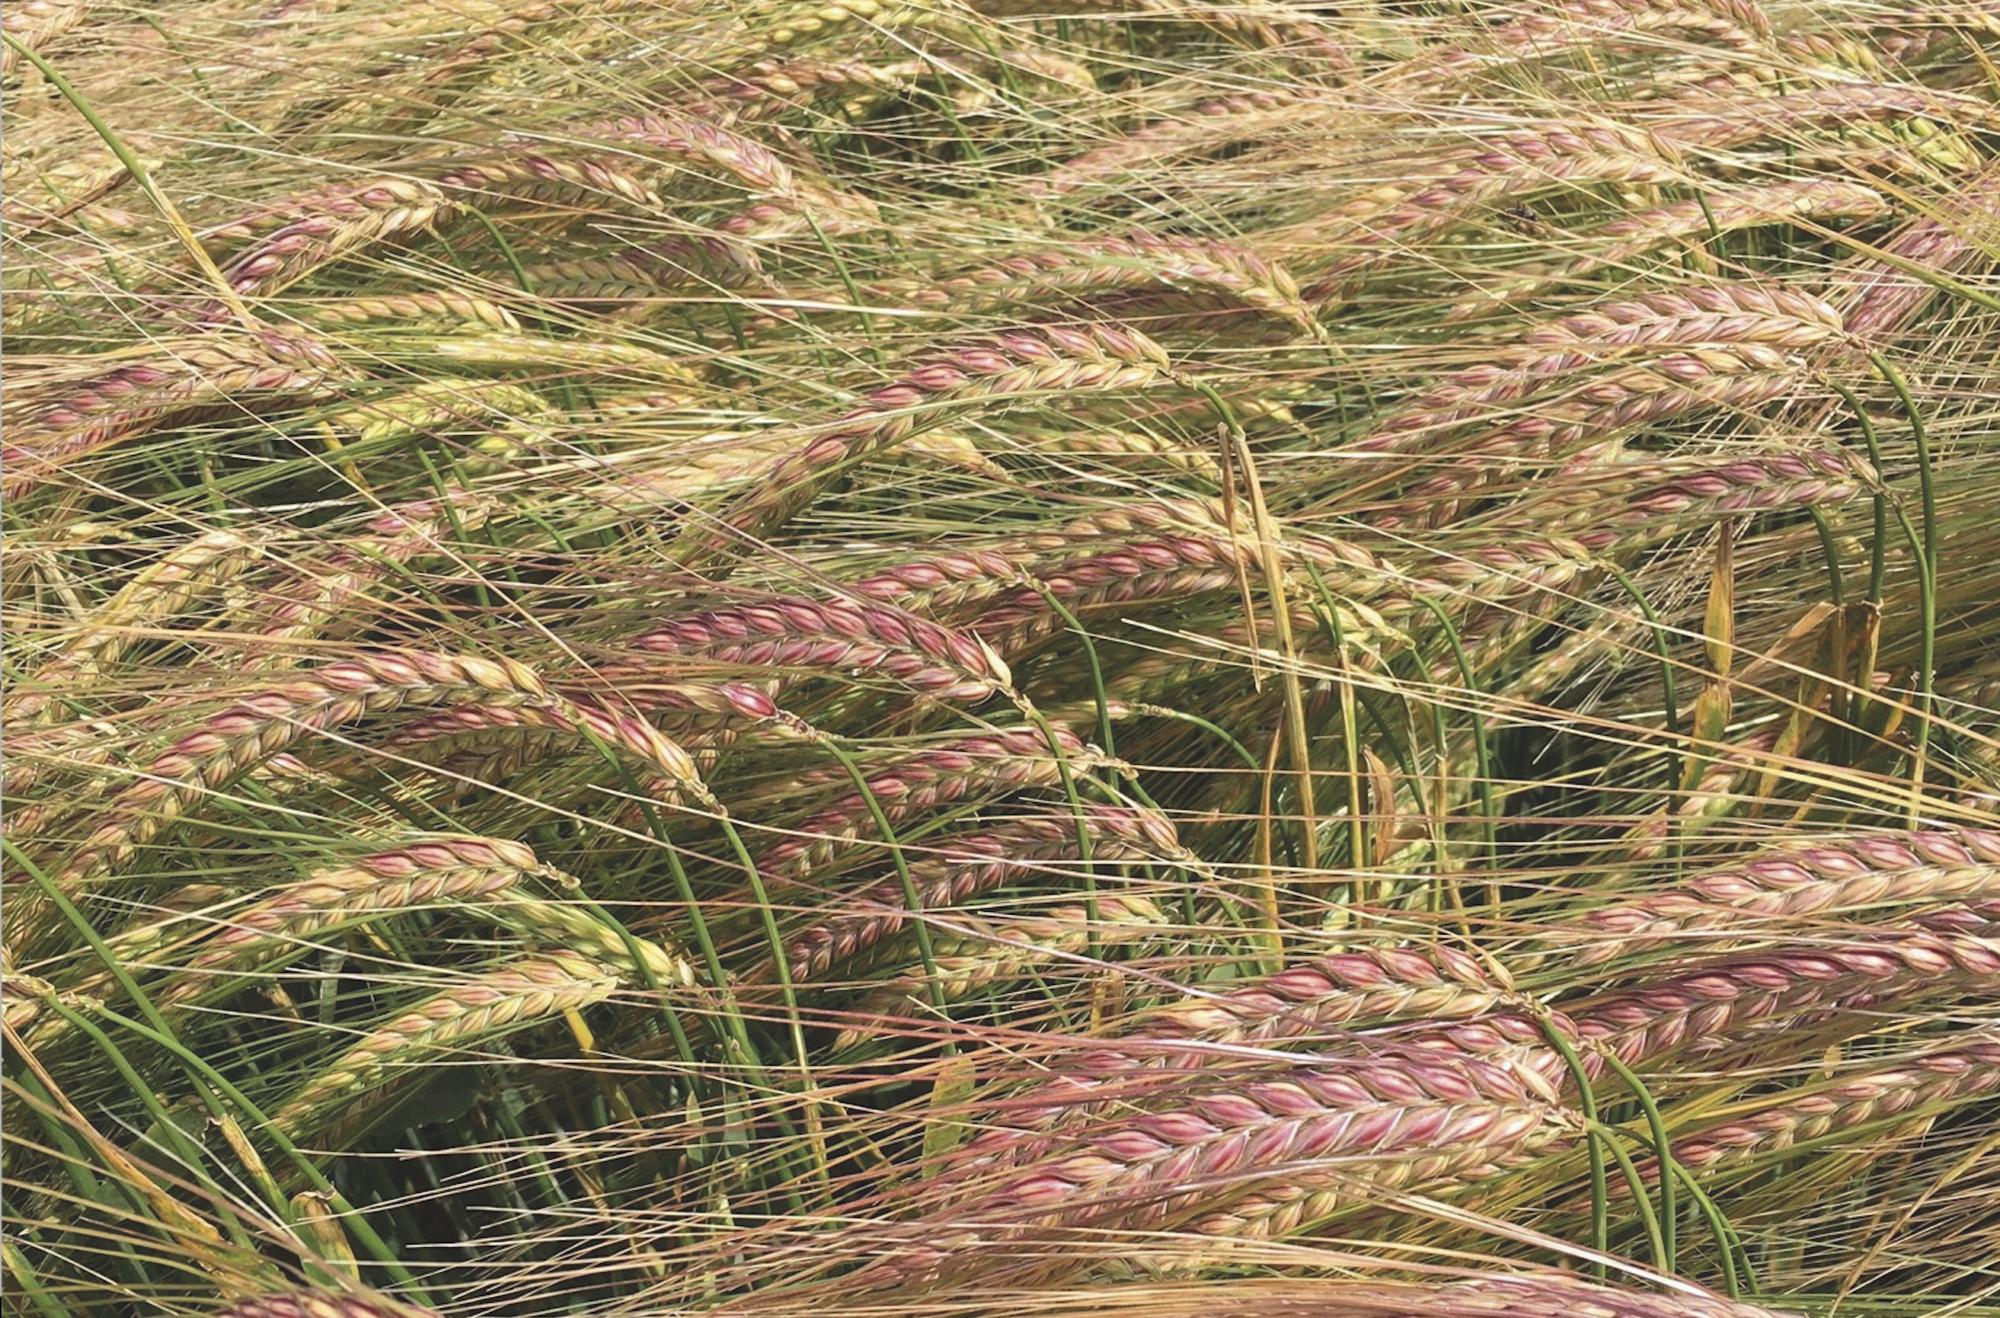 Bordeaux winter barley